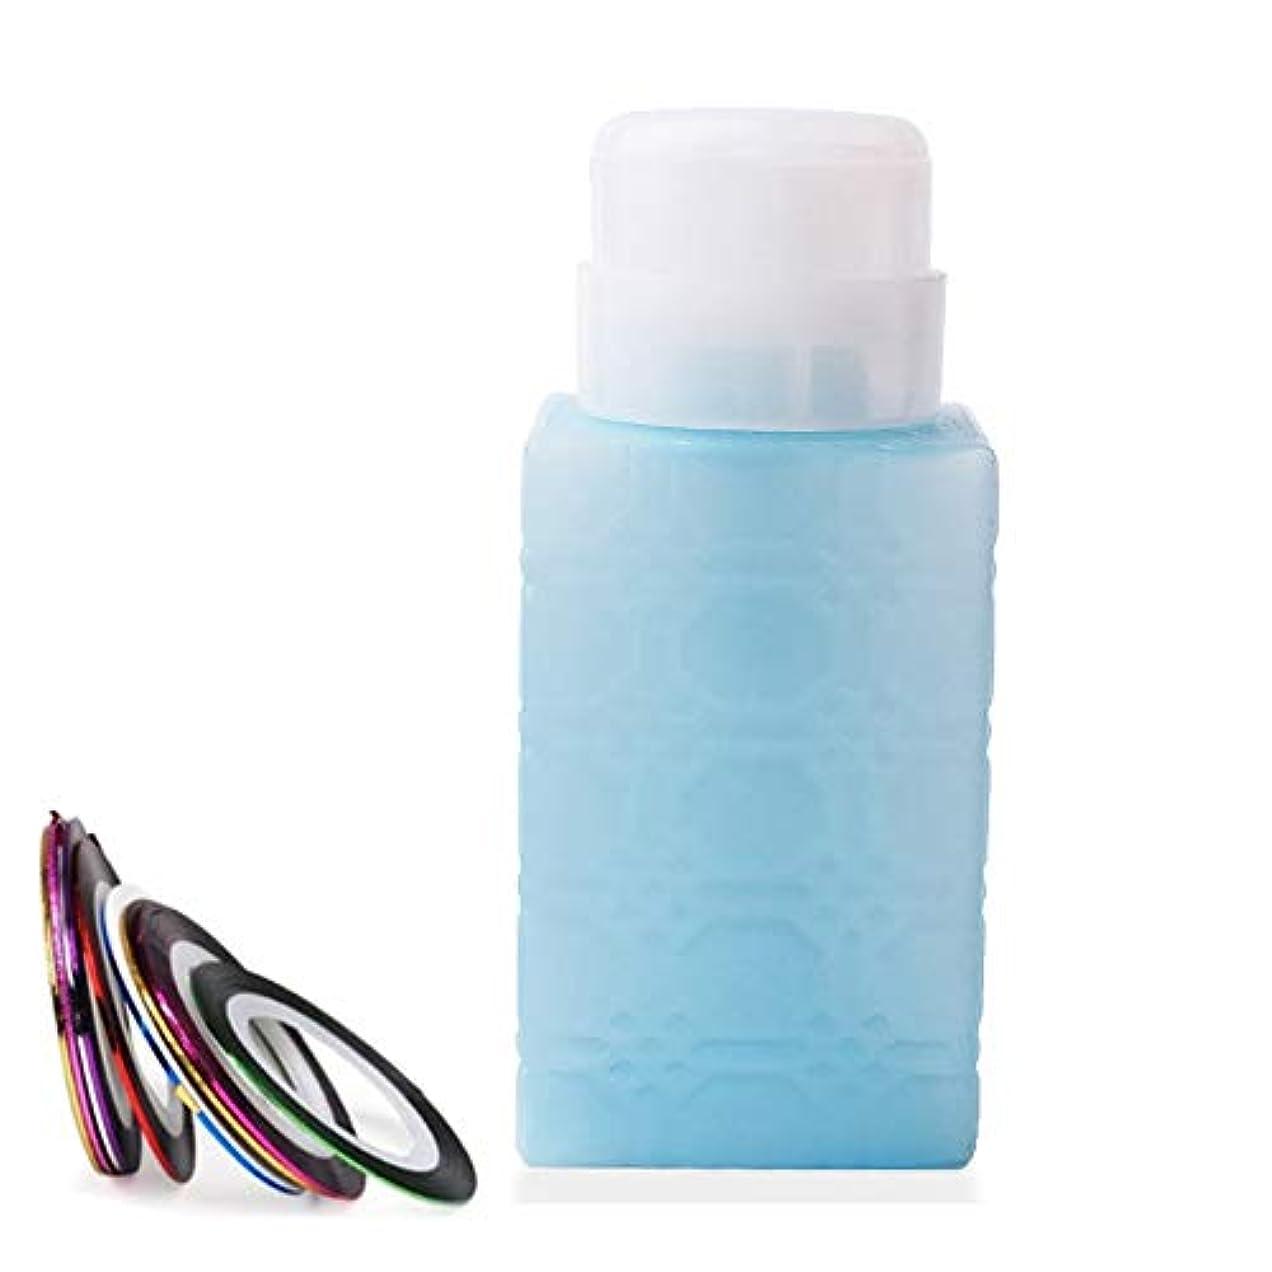 リラックスラウズ沿って空ポンプボトル ポンプディスペンサー ネイルワイプ瓶 ジュルクリーナー ジュルリムーバー 可愛い (ブルー)